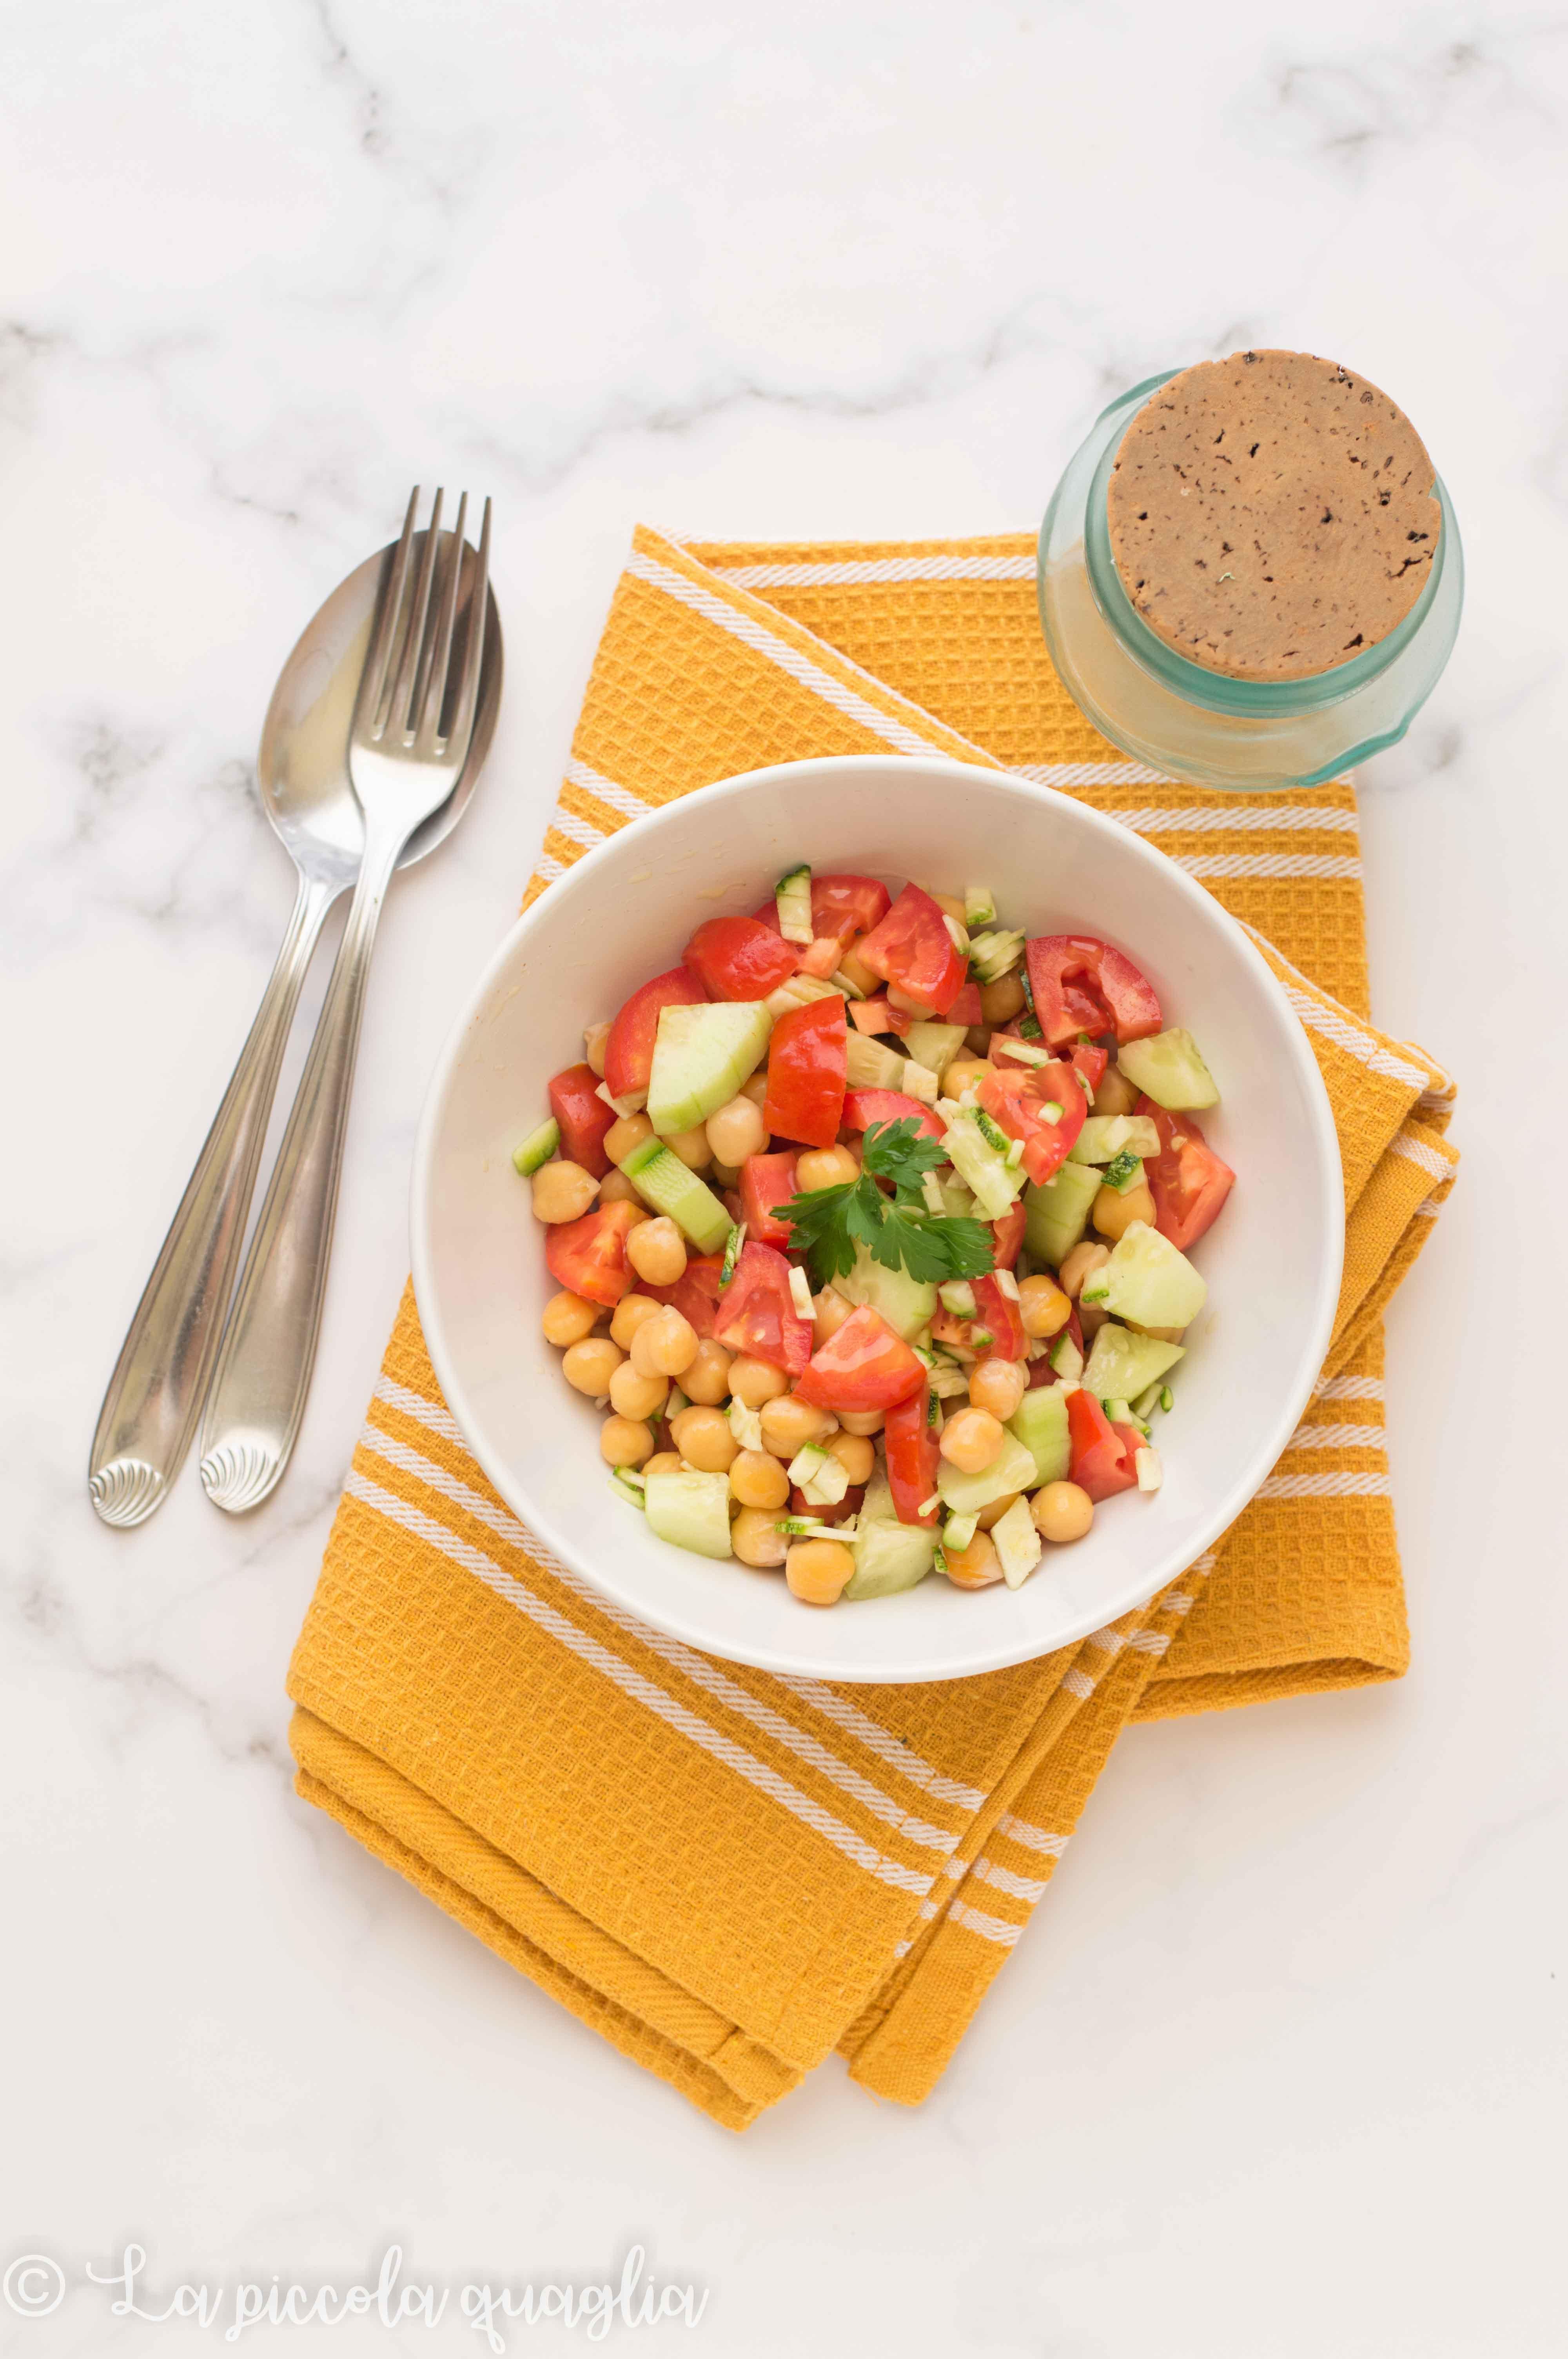 I menù fuori casa: insalata di ceci